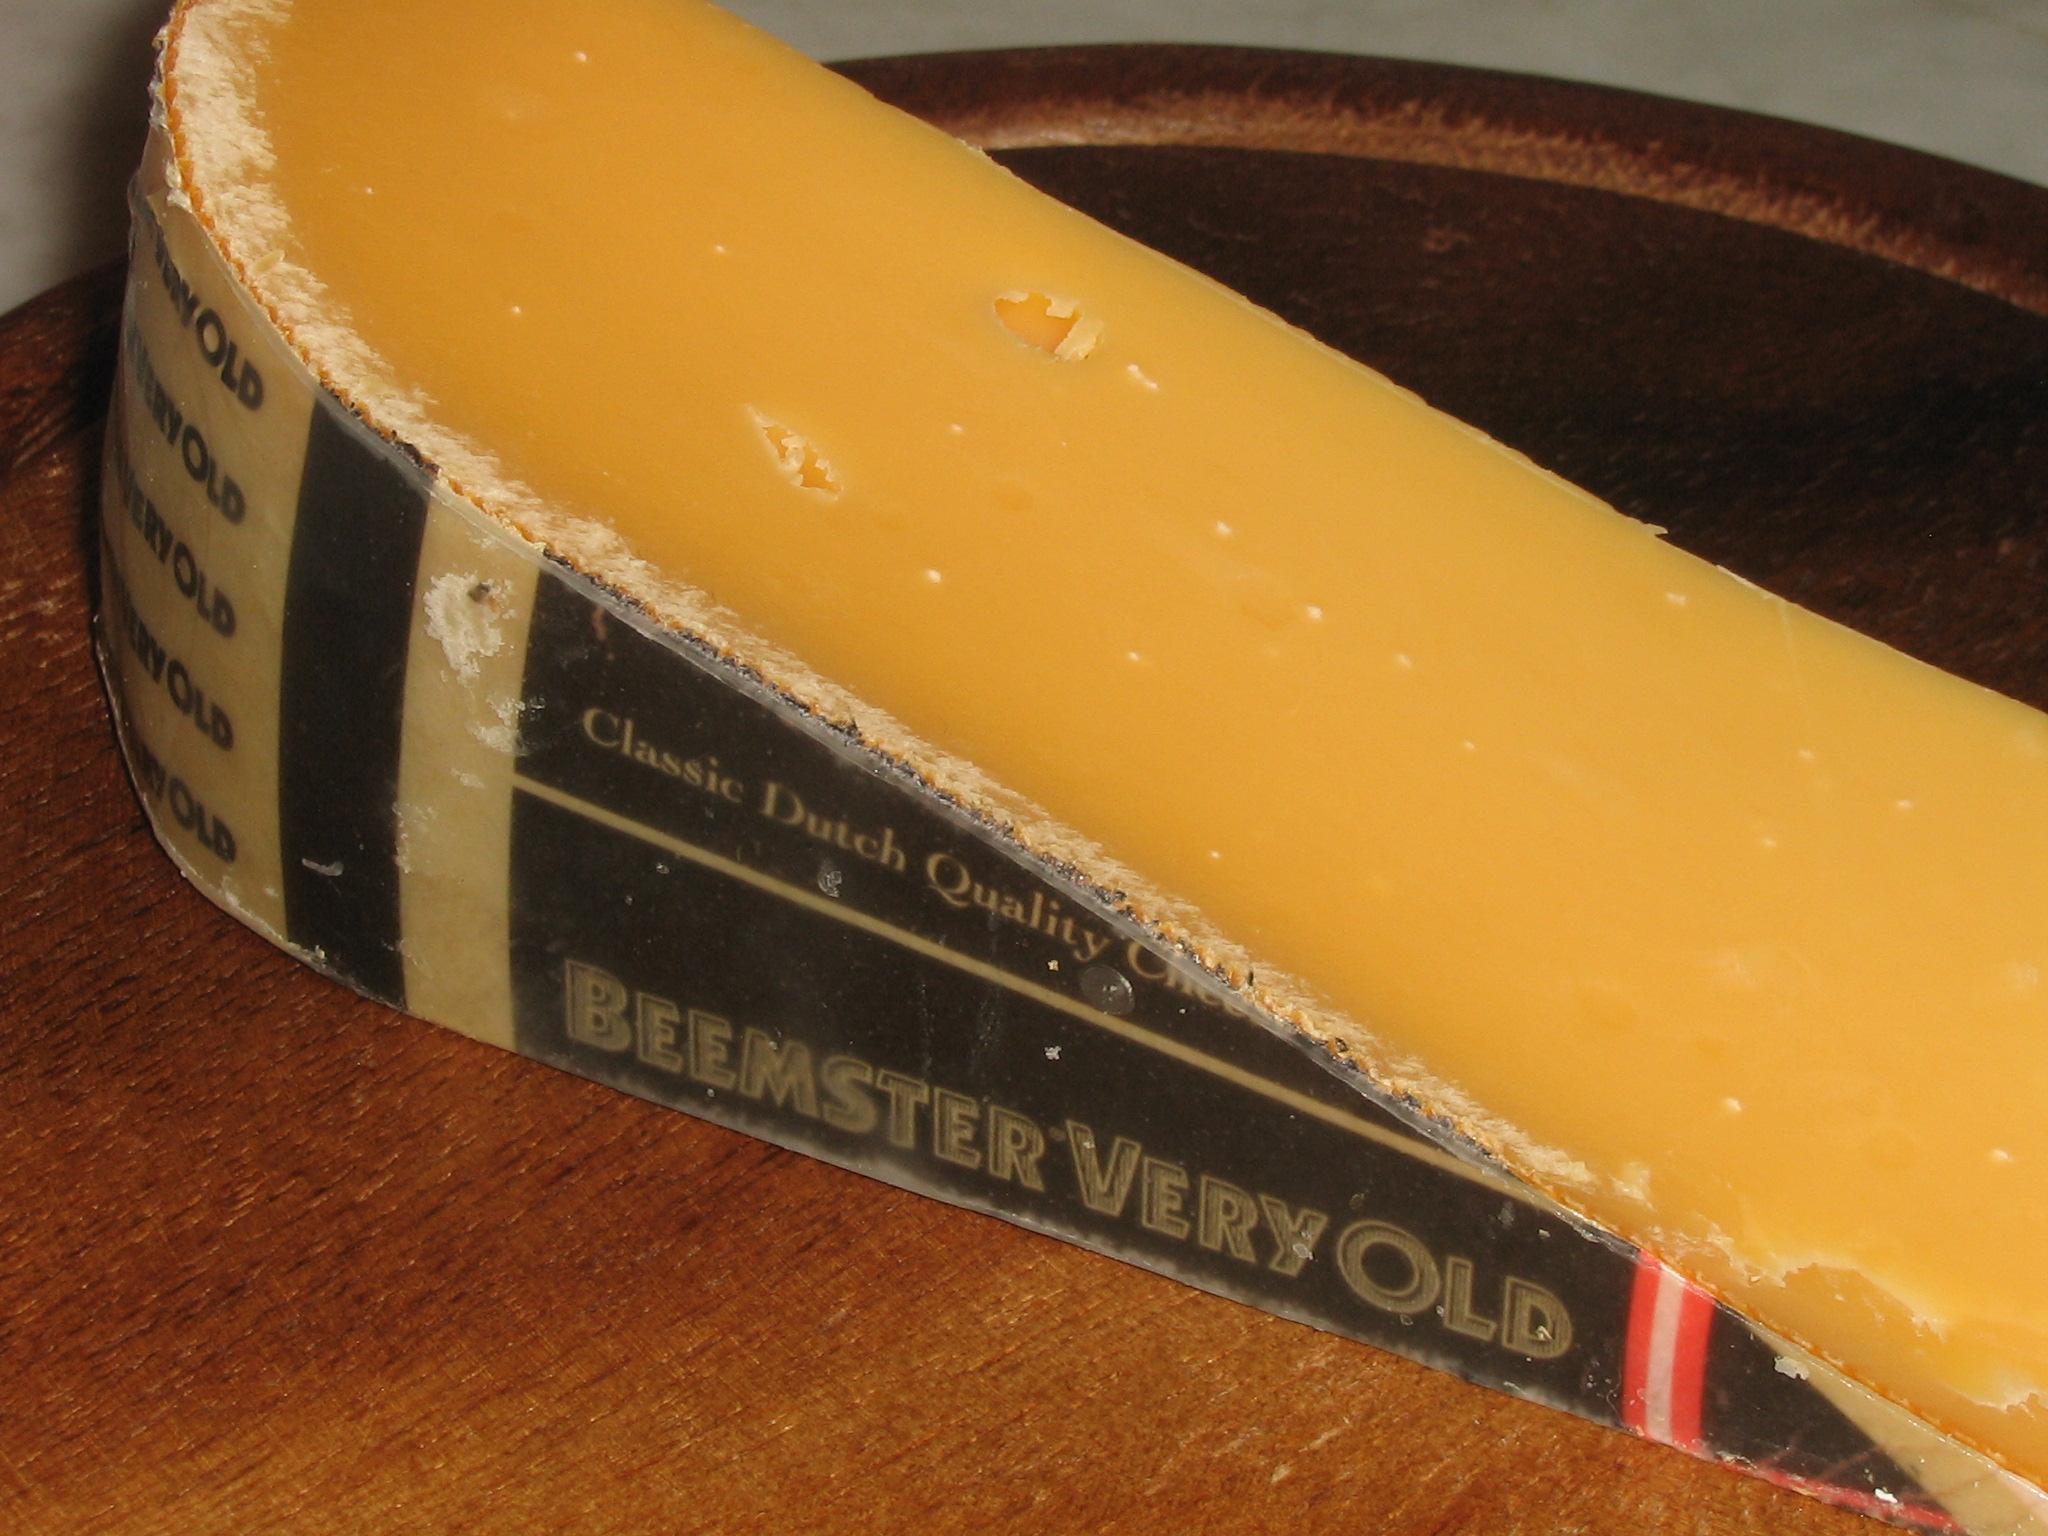 Beemster Very Old, Holländsk vällagrad ost